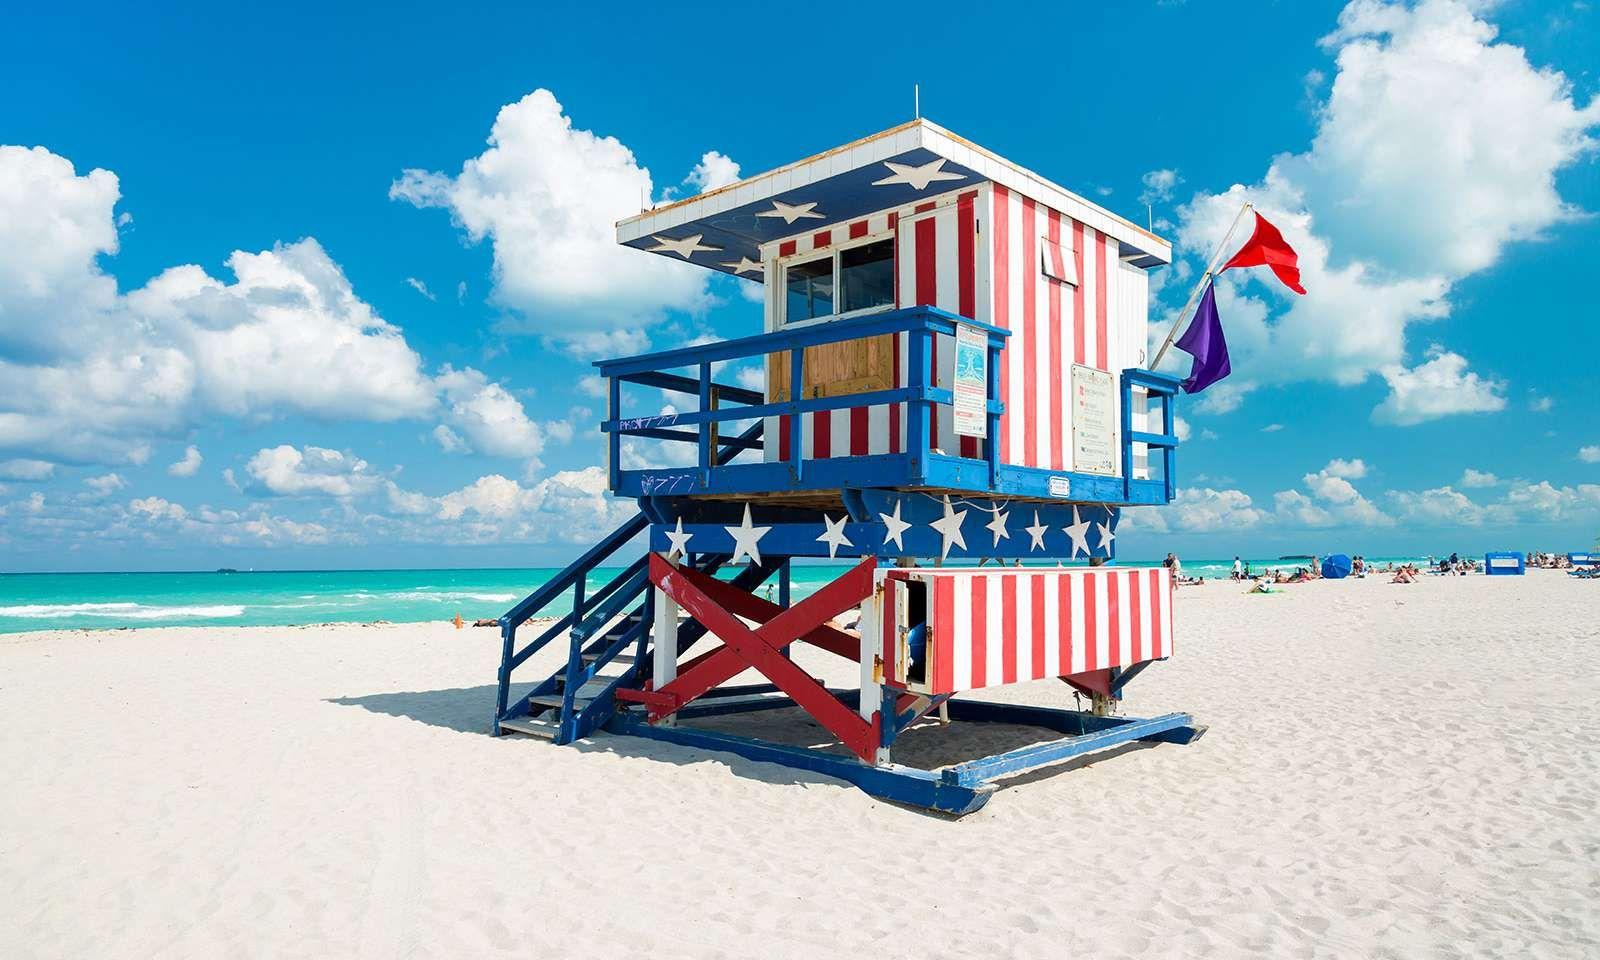 Las Mejores Playas De Miami Un Pedacito De Paraíso En Ee Uu Playa Del Sur Miami Playa